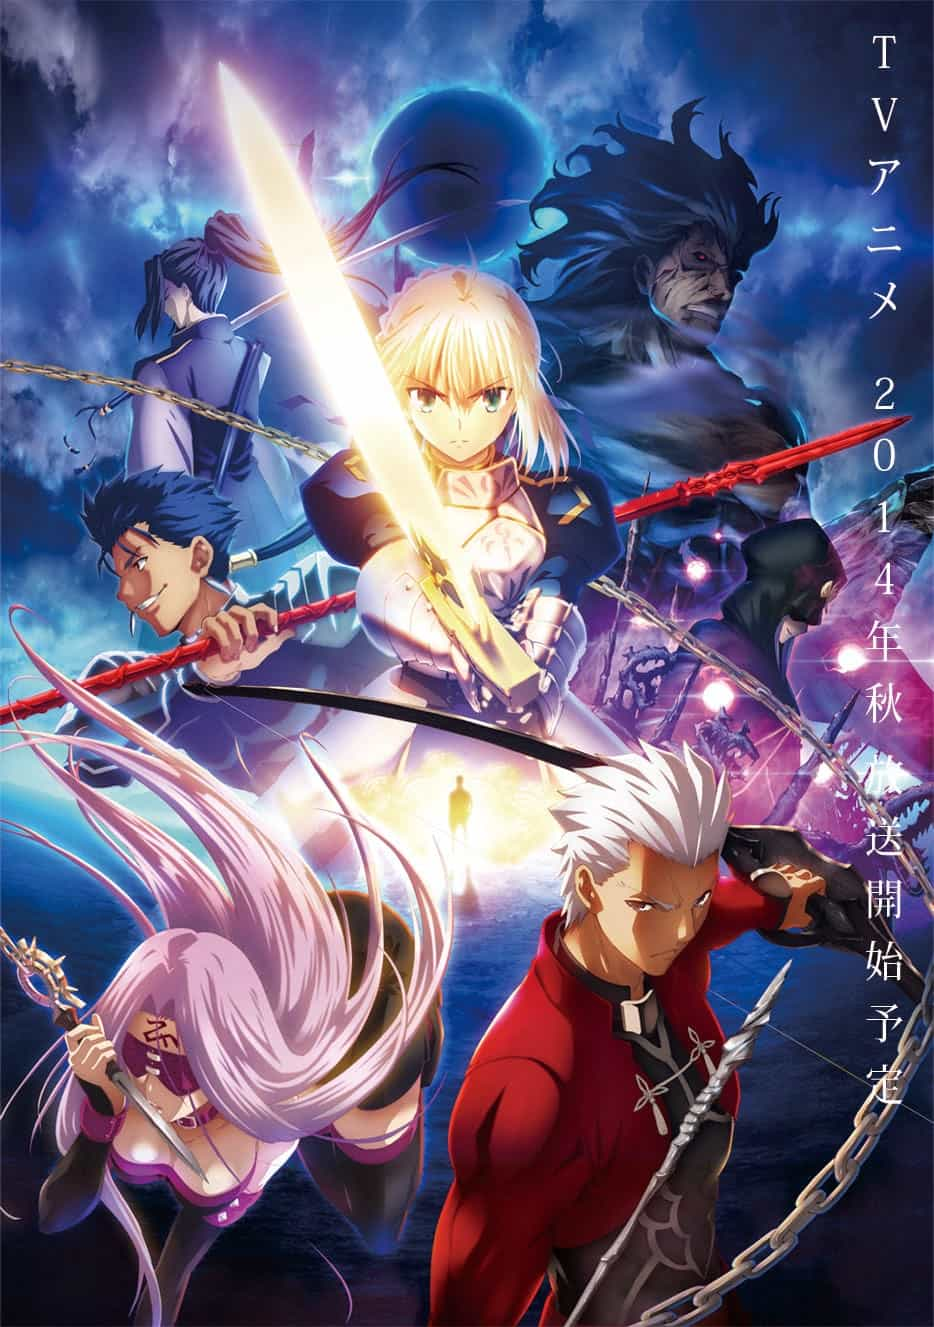 >Fate Zero ปฐมบทสงครามจอกศักดิ์สิทธิ์ ตอนที่ 1-25 พากย์ไทย